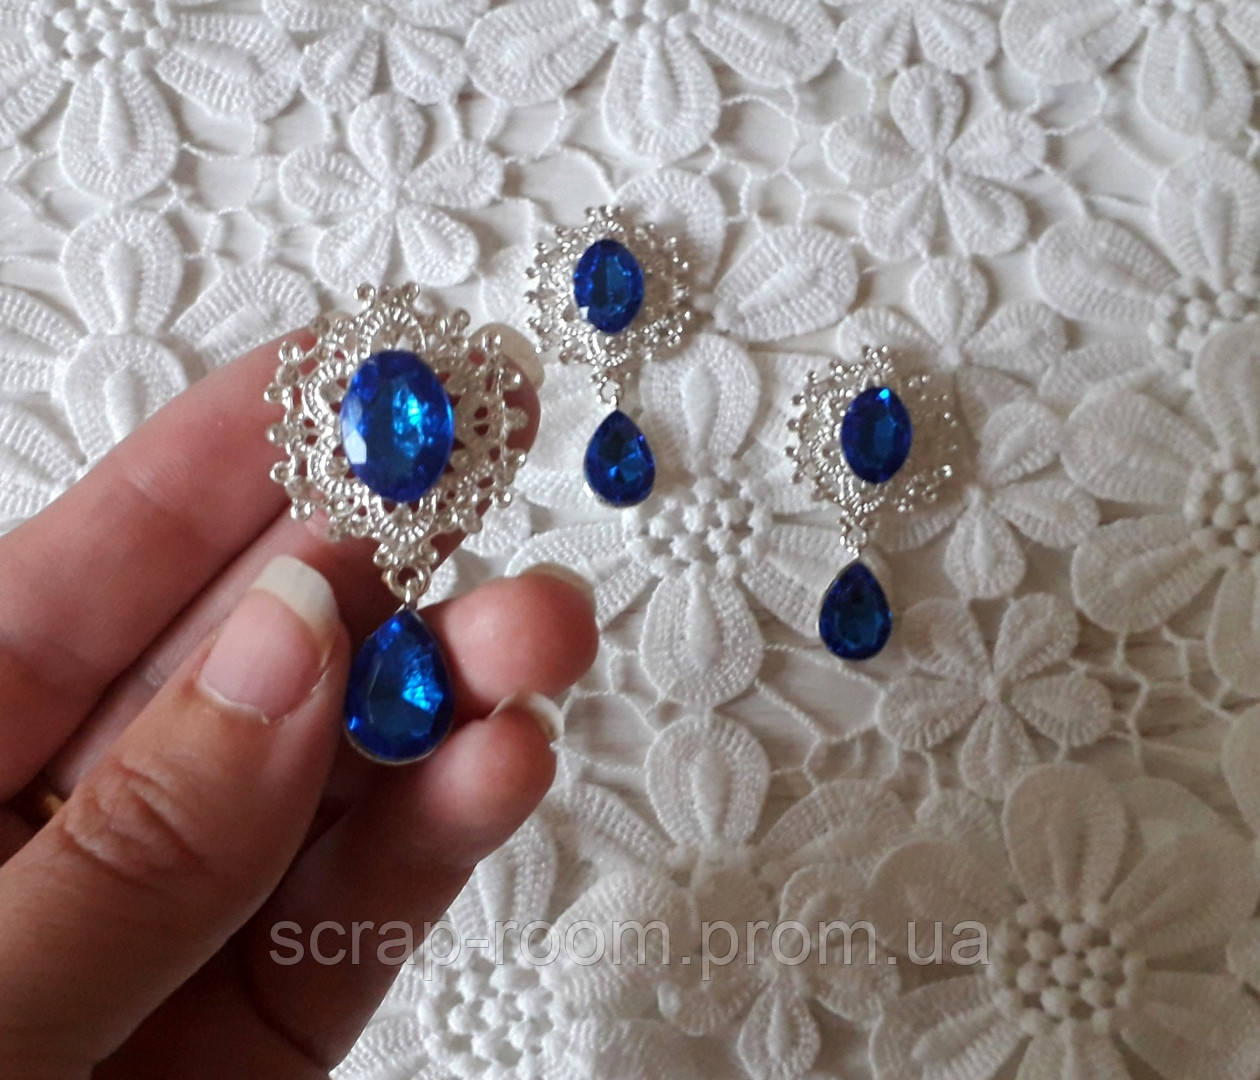 Брошь со стразами, брошь с синим камнем, брошь с подвеской, брошь свадебная, размер 25*45 мм, цена за шт